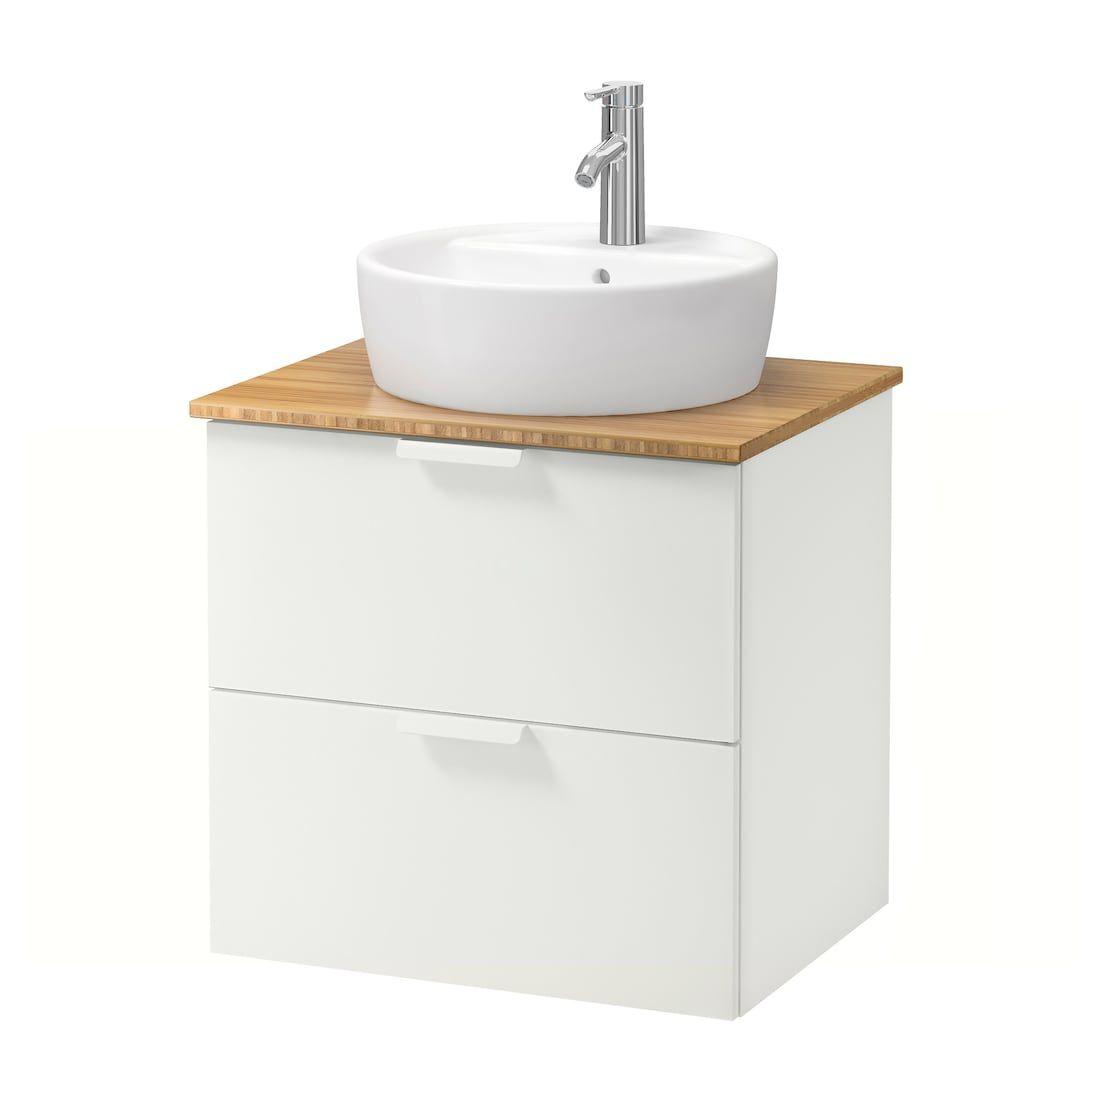 Godmorgon Tolken Tornviken Waschbschr Aufsatzwaschb 45 Weiss Bambus Ikea Lavabo Unterschrank Ikea Badezimmer Waschbeckenunterschrank